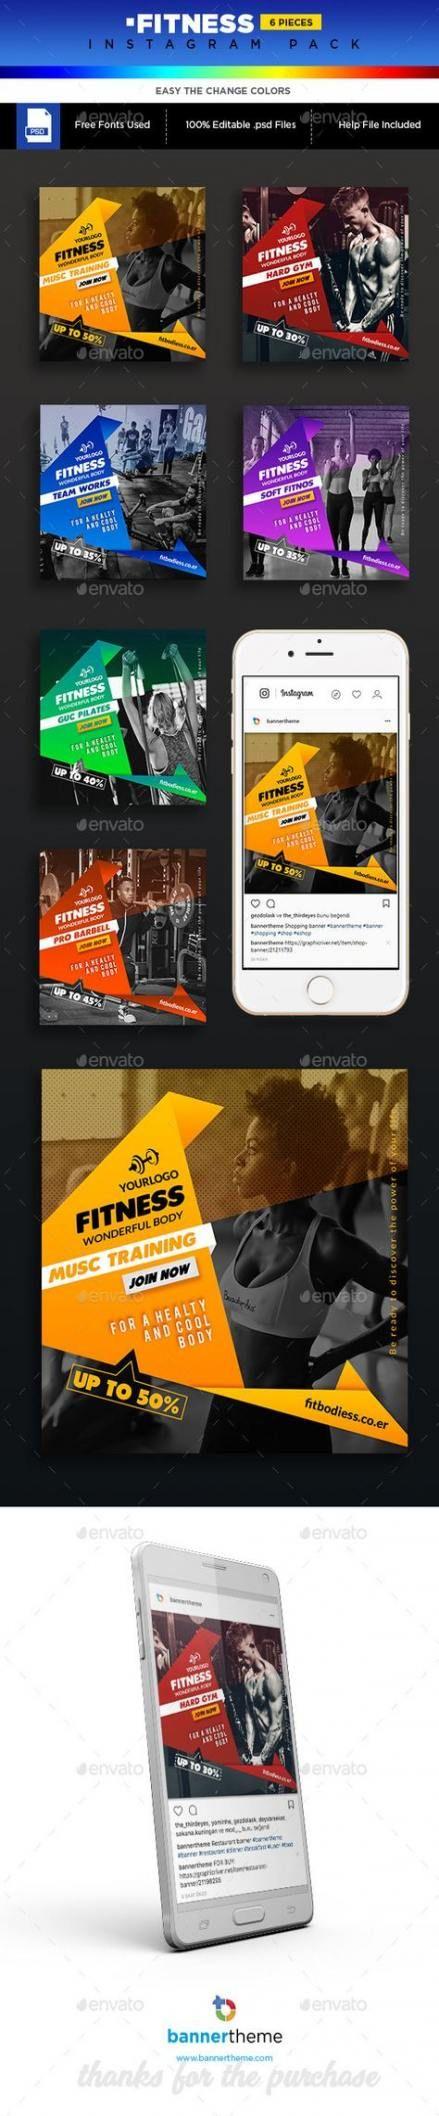 Fitness Instagram Banner 51 Ideas #fitness